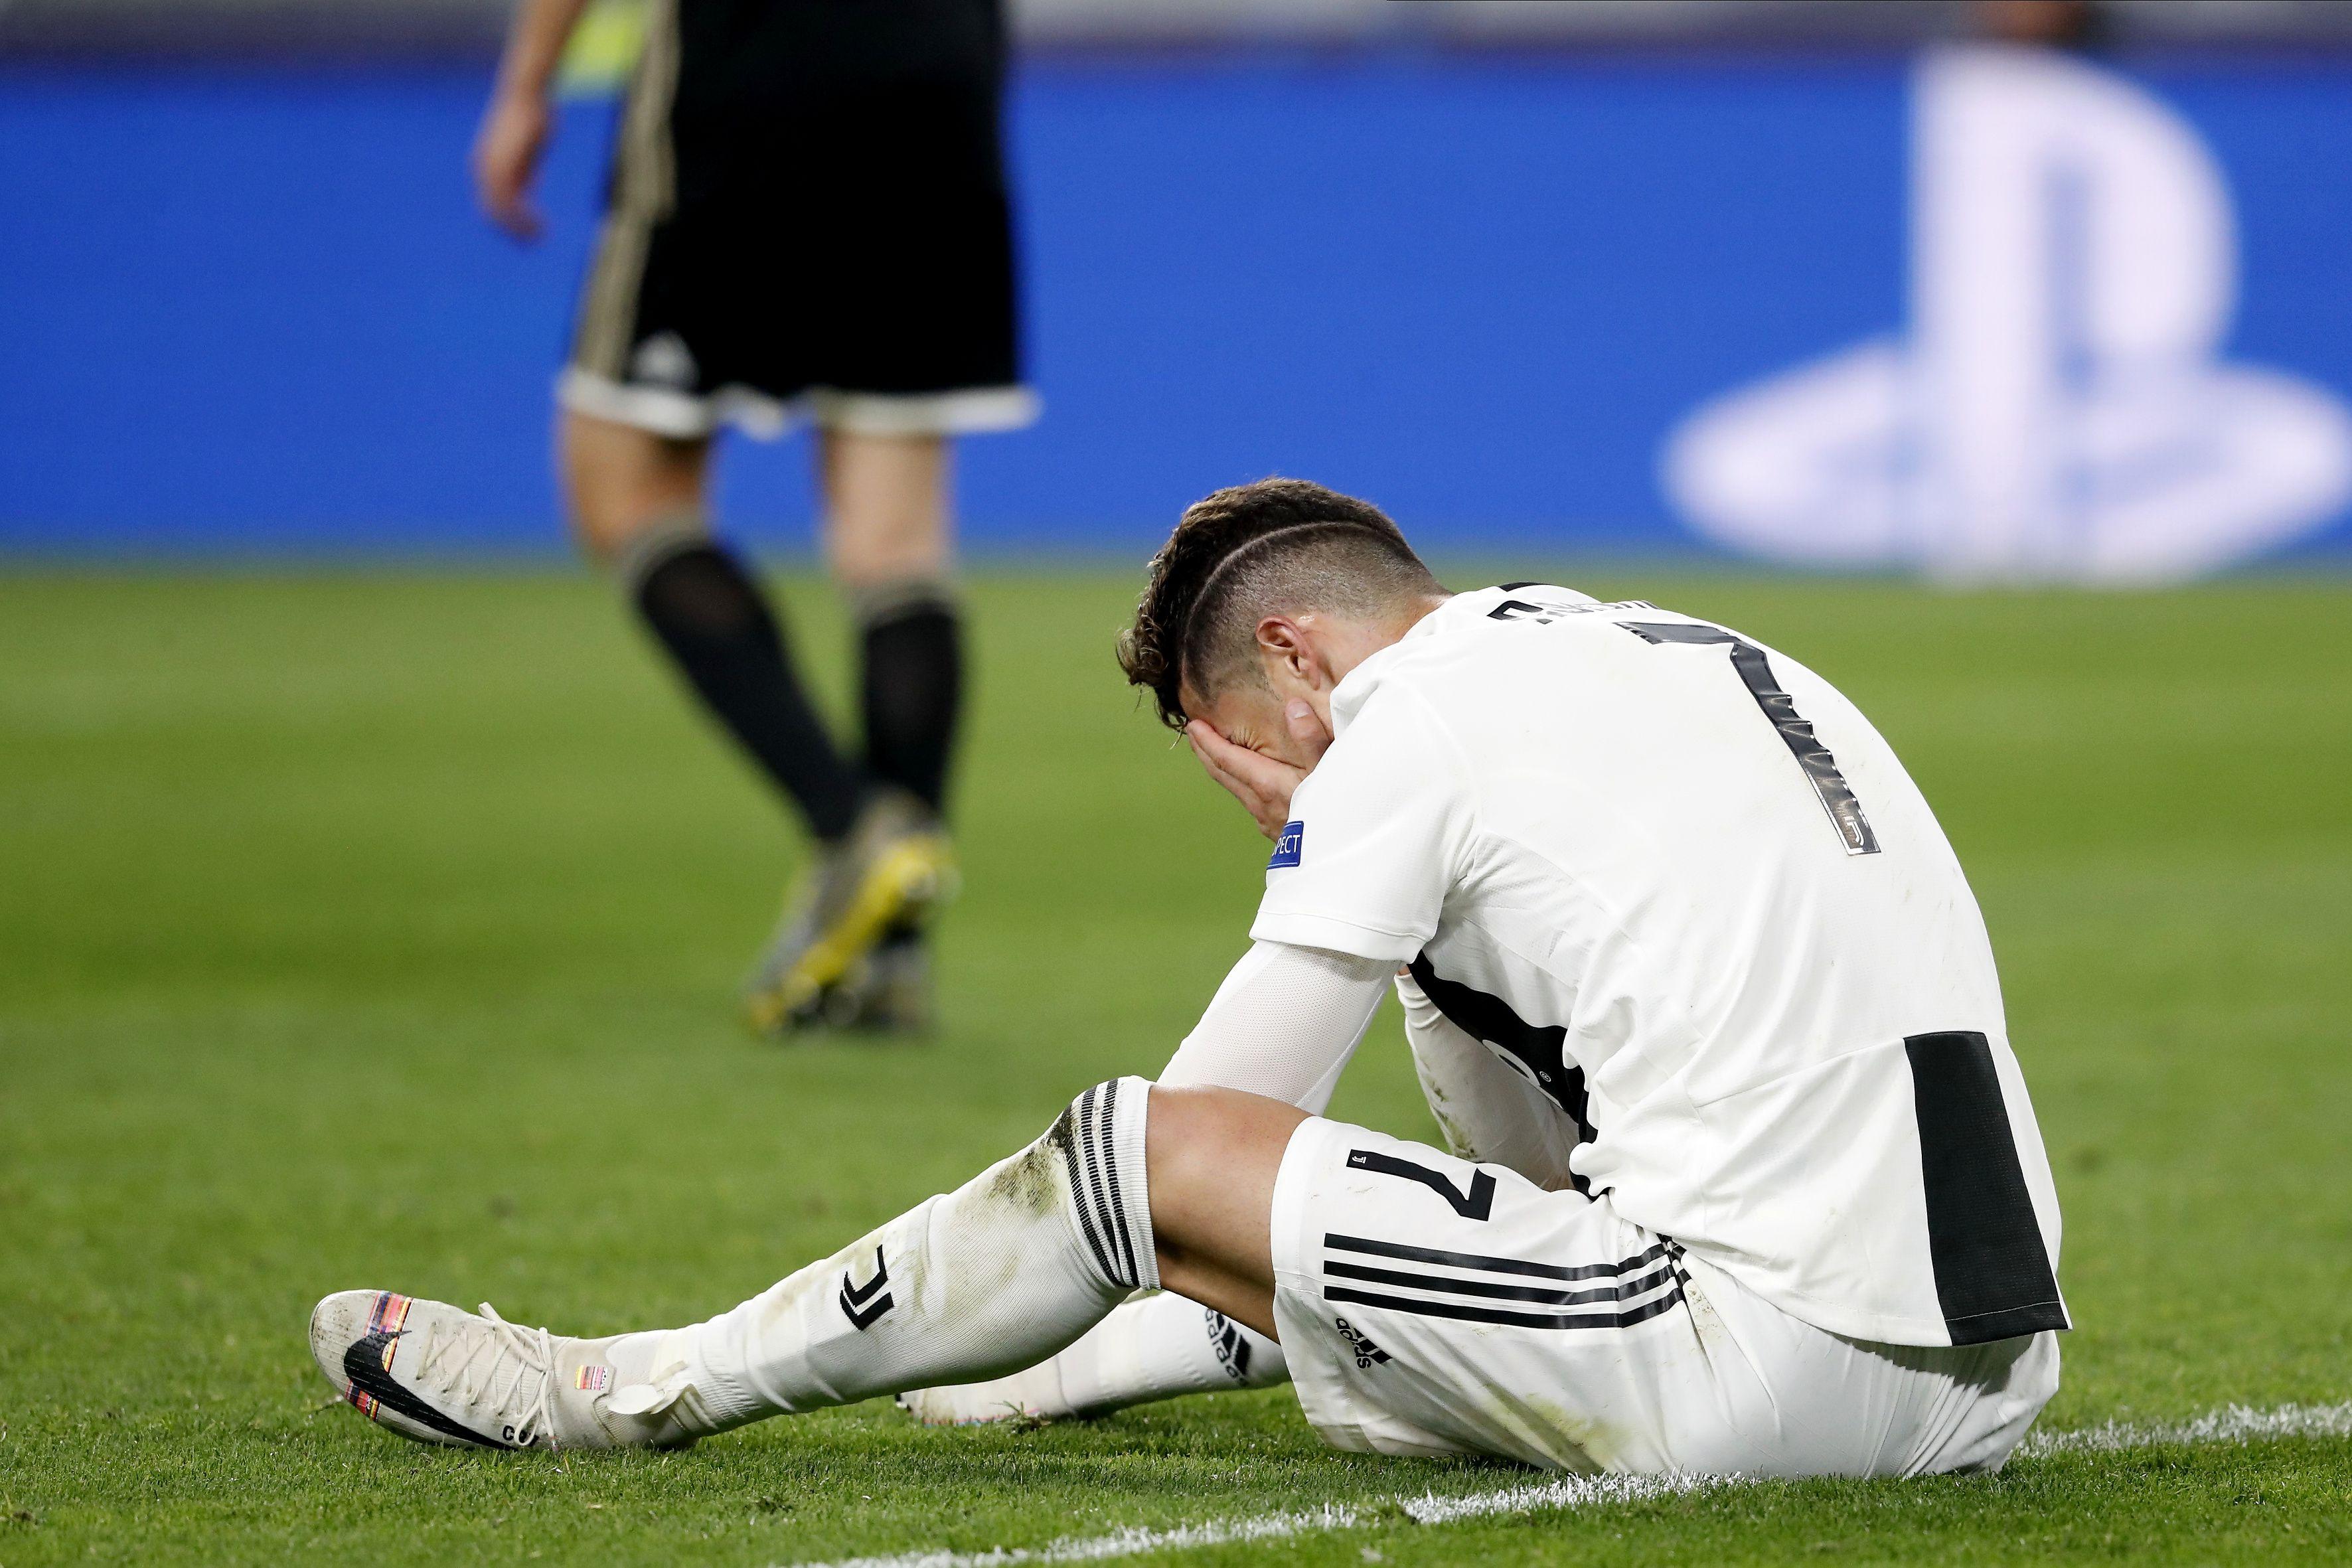 Football - Ligue des champions - Ligue des champions : la Juventus éliminée, le titre s'effondre en bourse